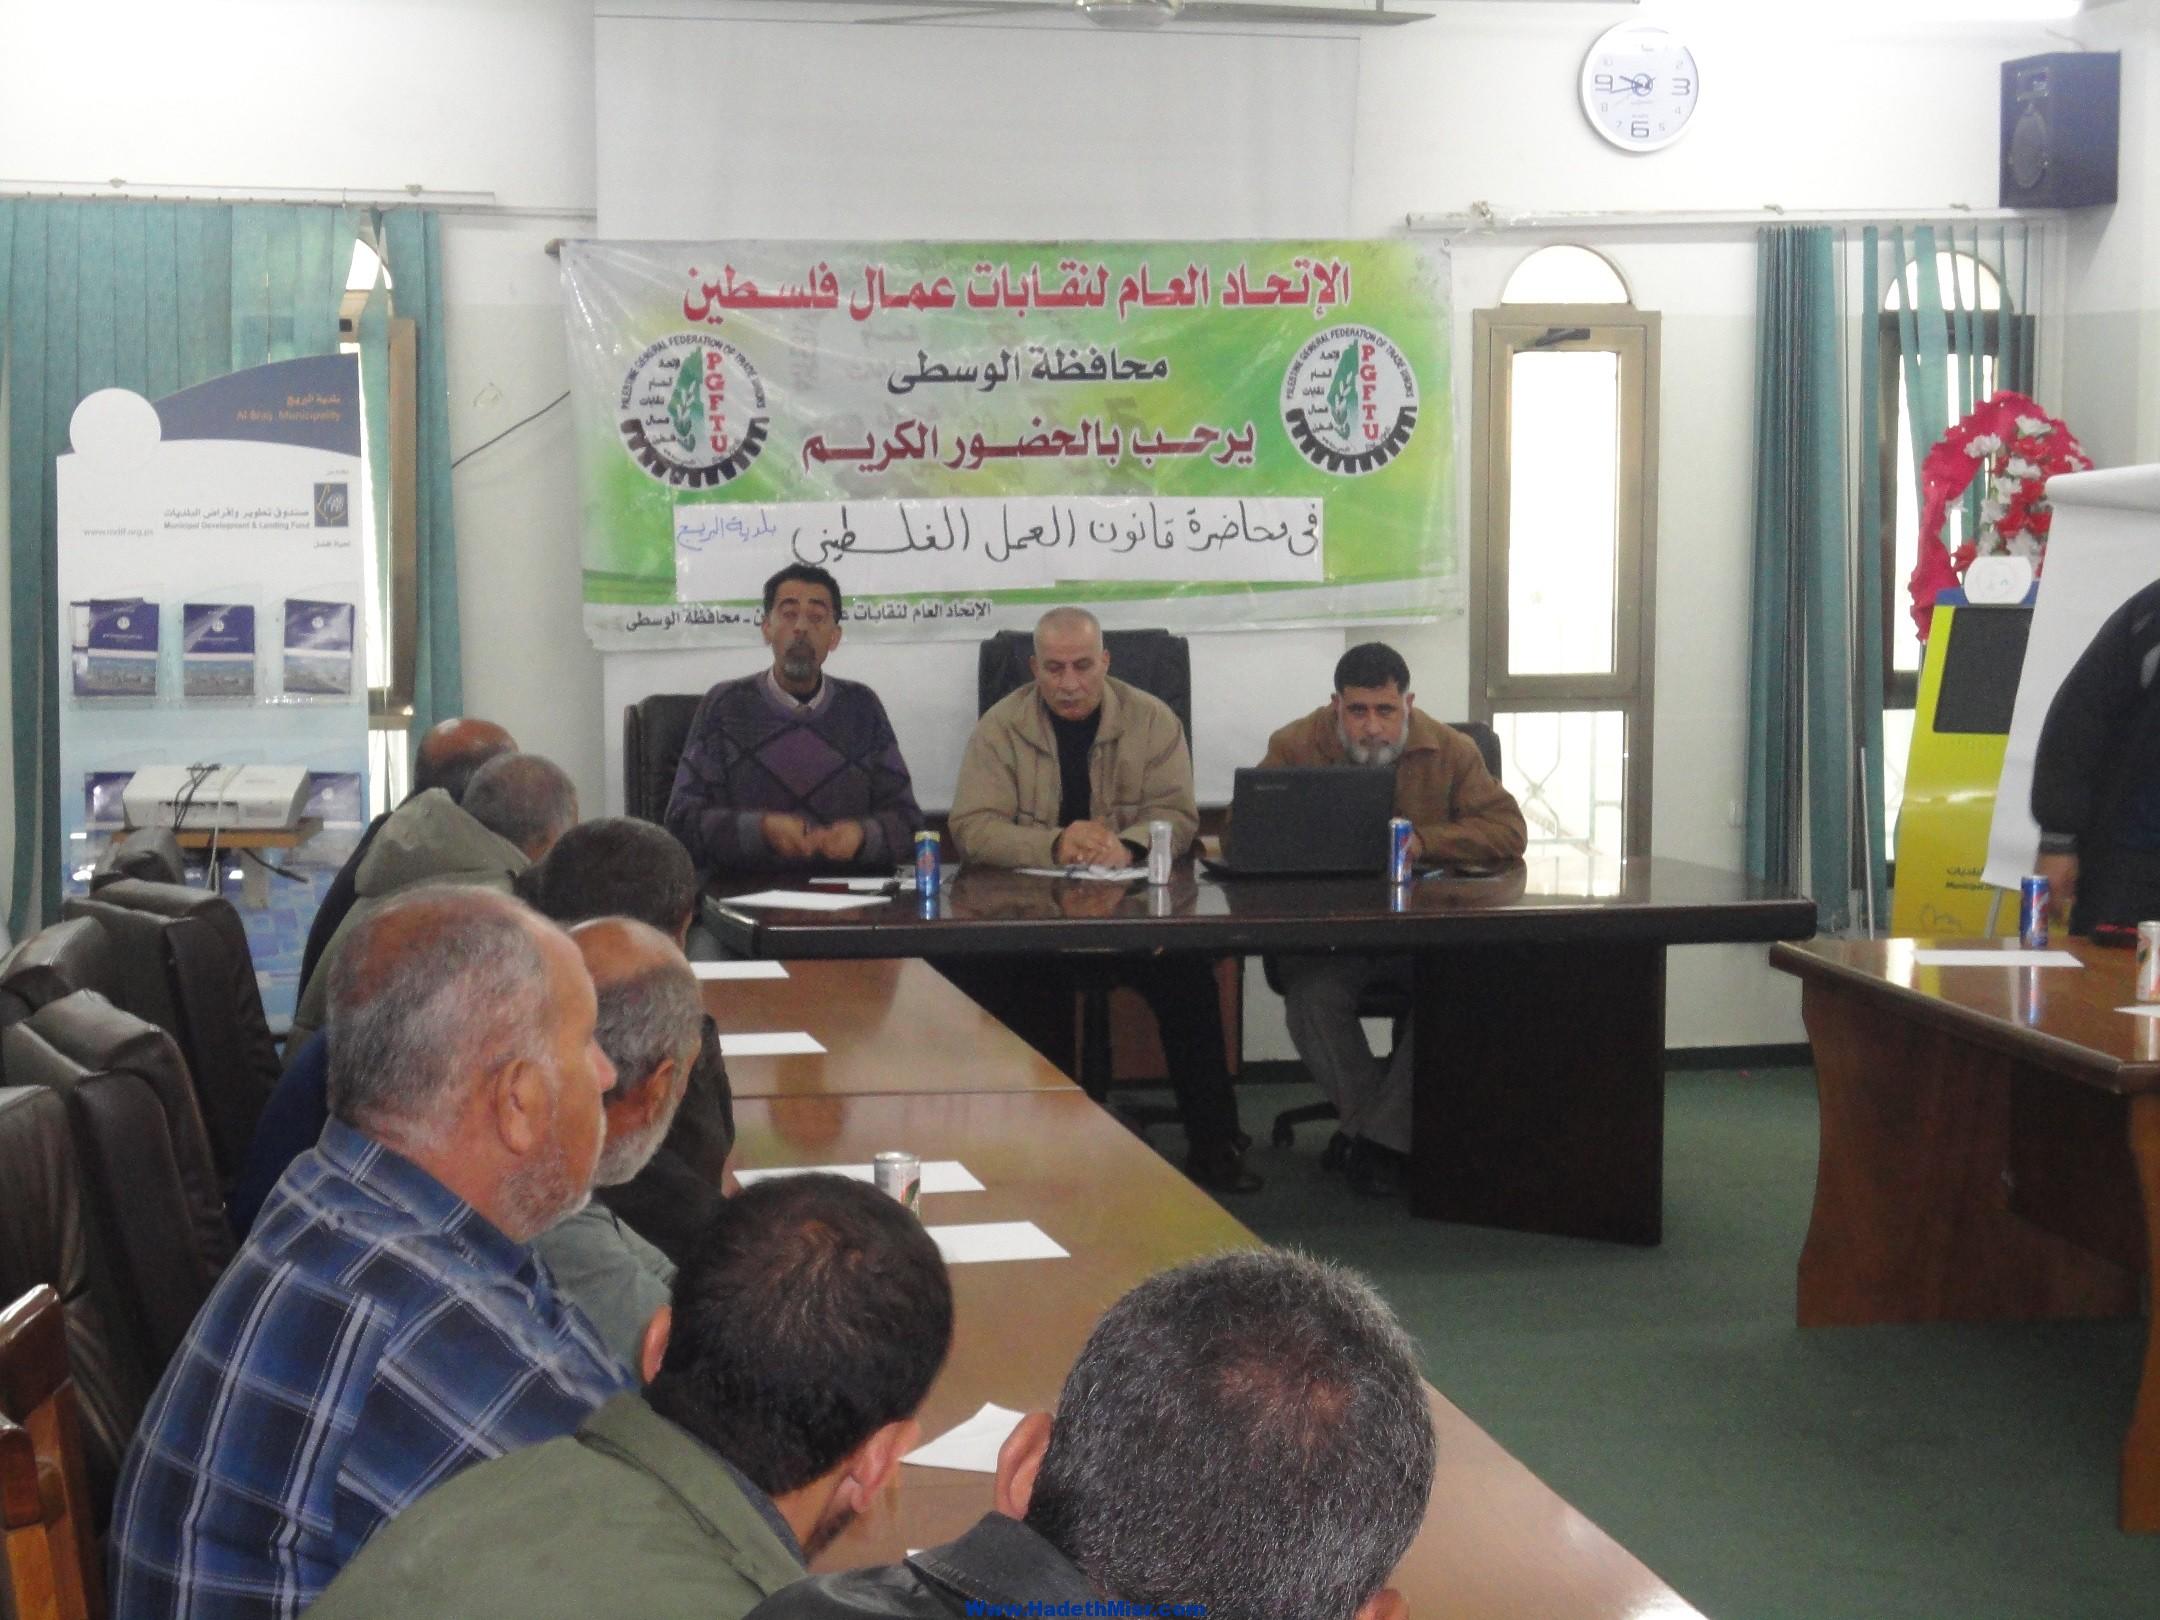 نقابات العمال تؤكد على أهمية توعية العمال بقانون العمل الفلسطيني